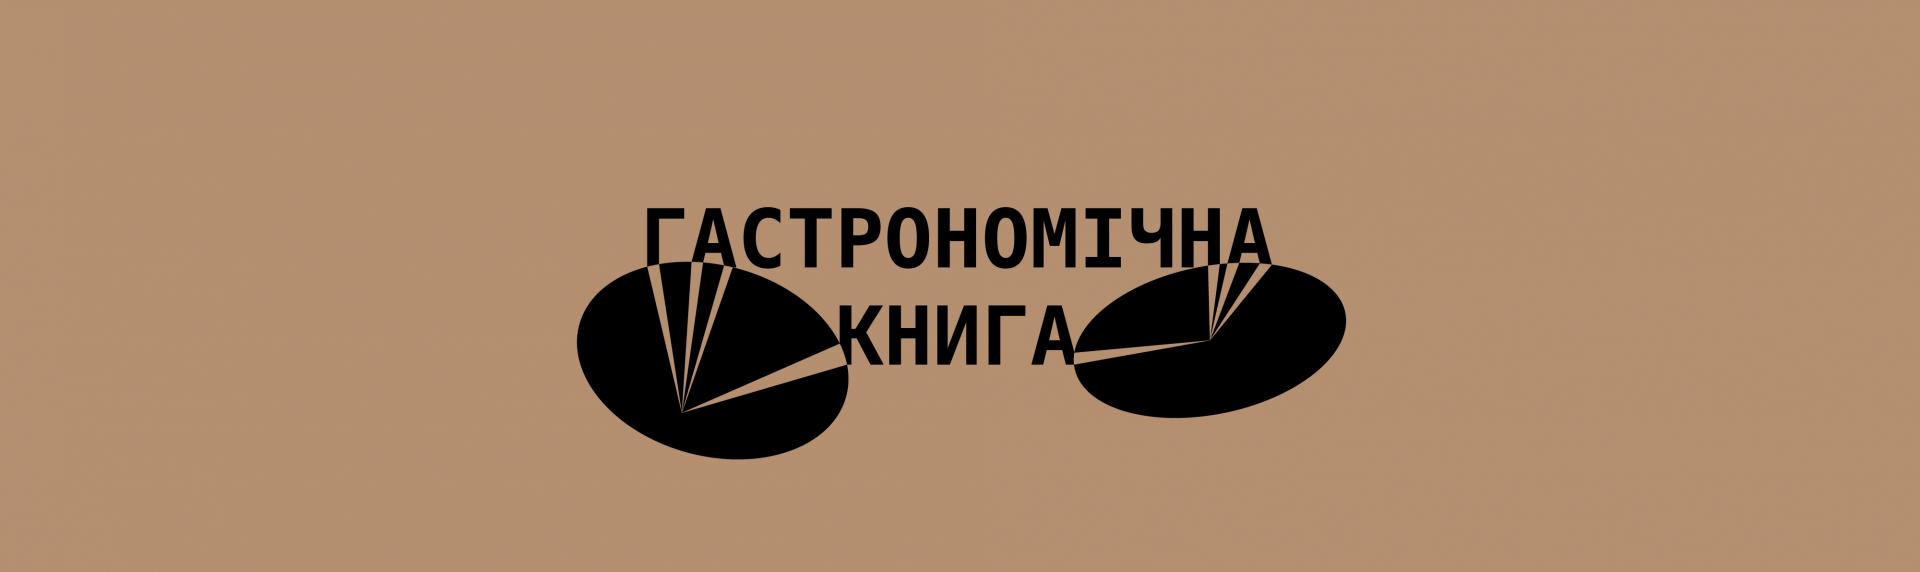 Спецпрограма проєкту їzhakultura